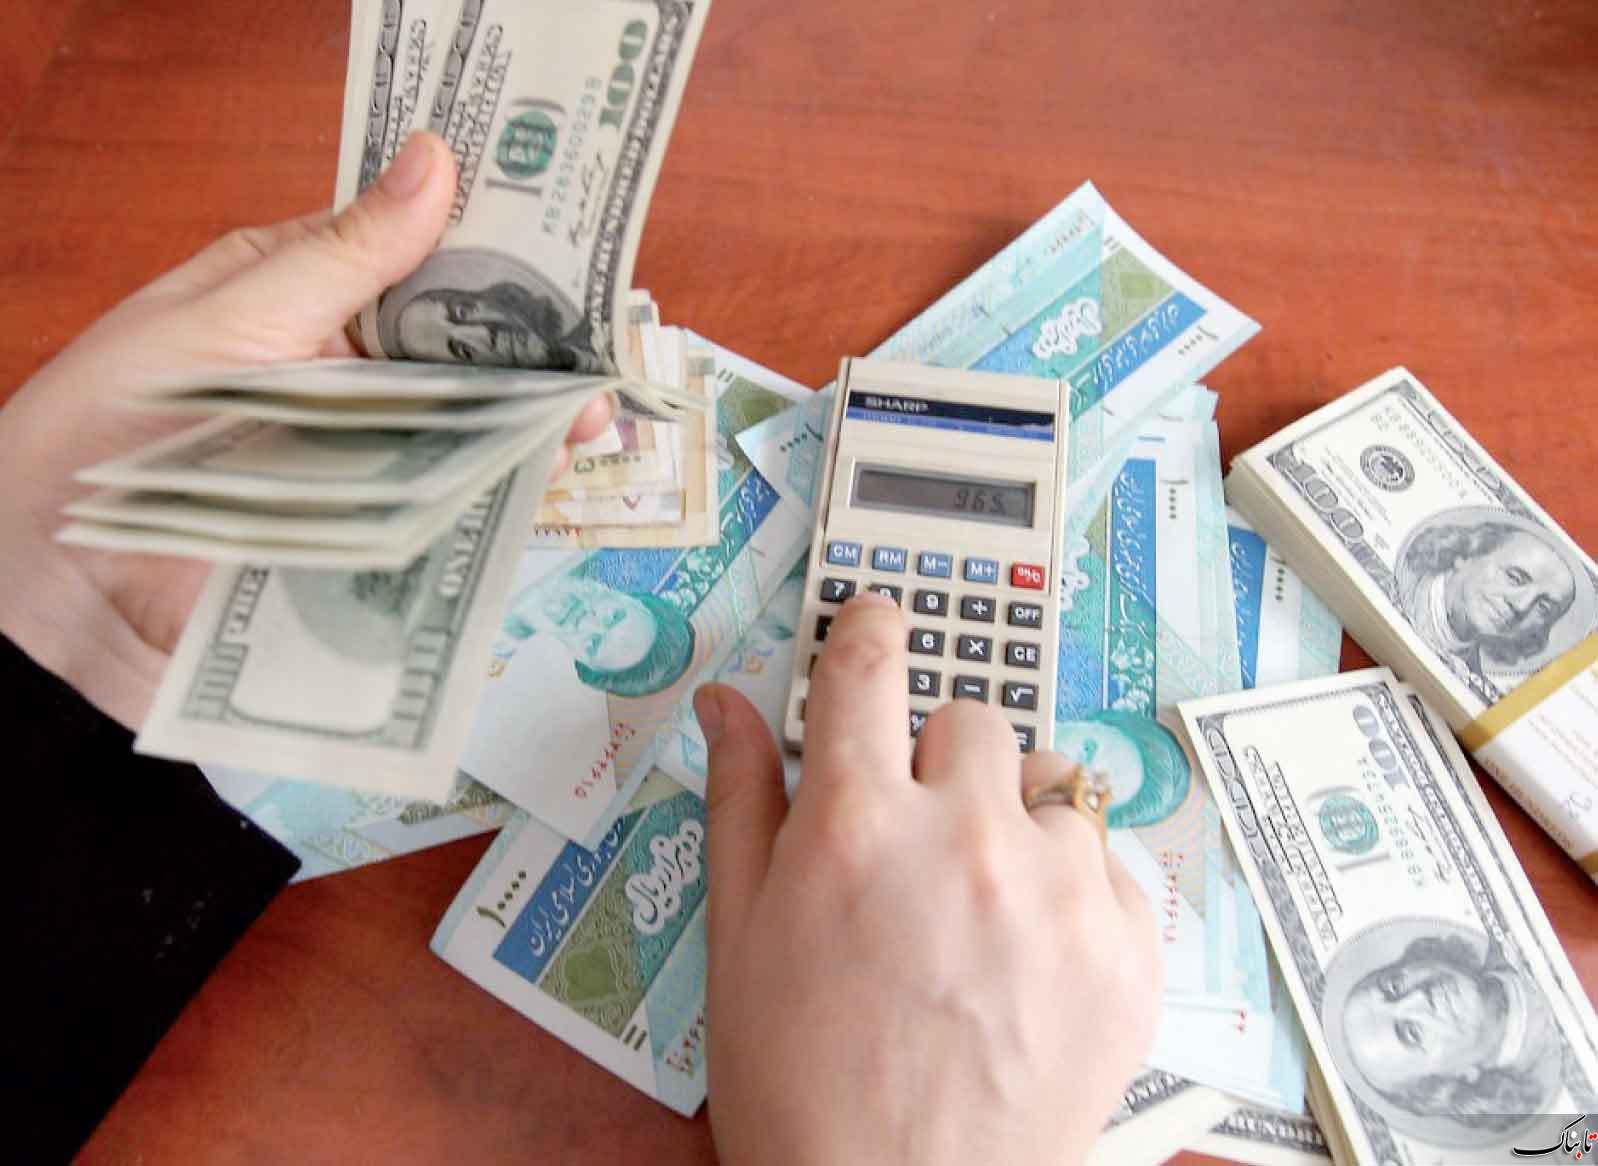 نرخ رسمی یورو کاهش و پوند افزایش یافت/ صعودی آرام دلار در اولین روز هفته